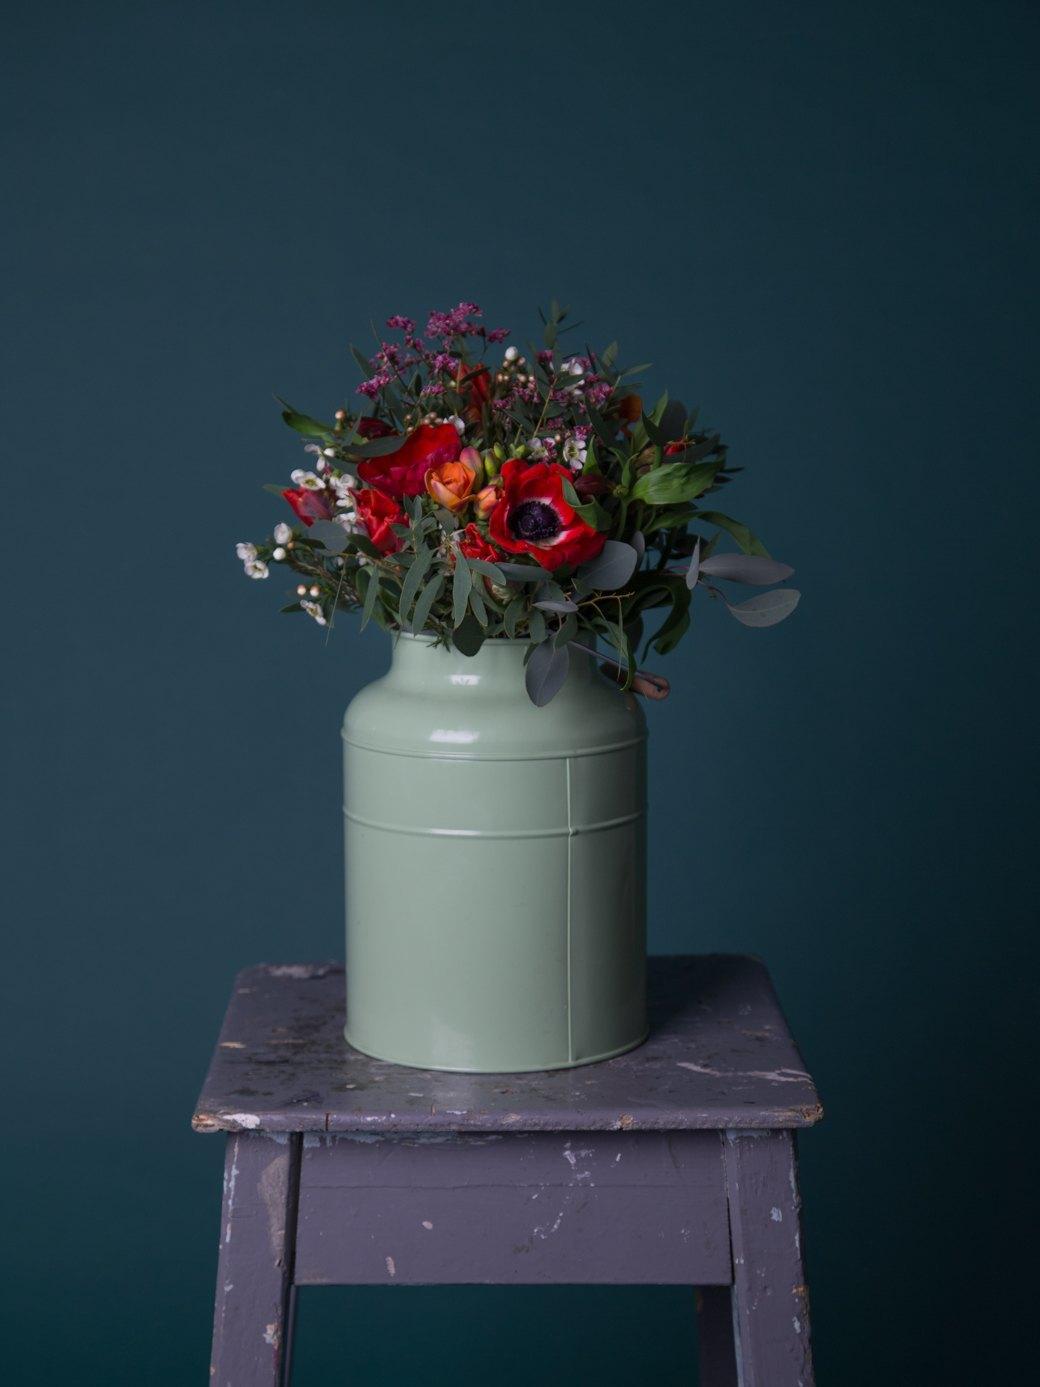 Сколько стоит букет цветов?. Изображение № 31.